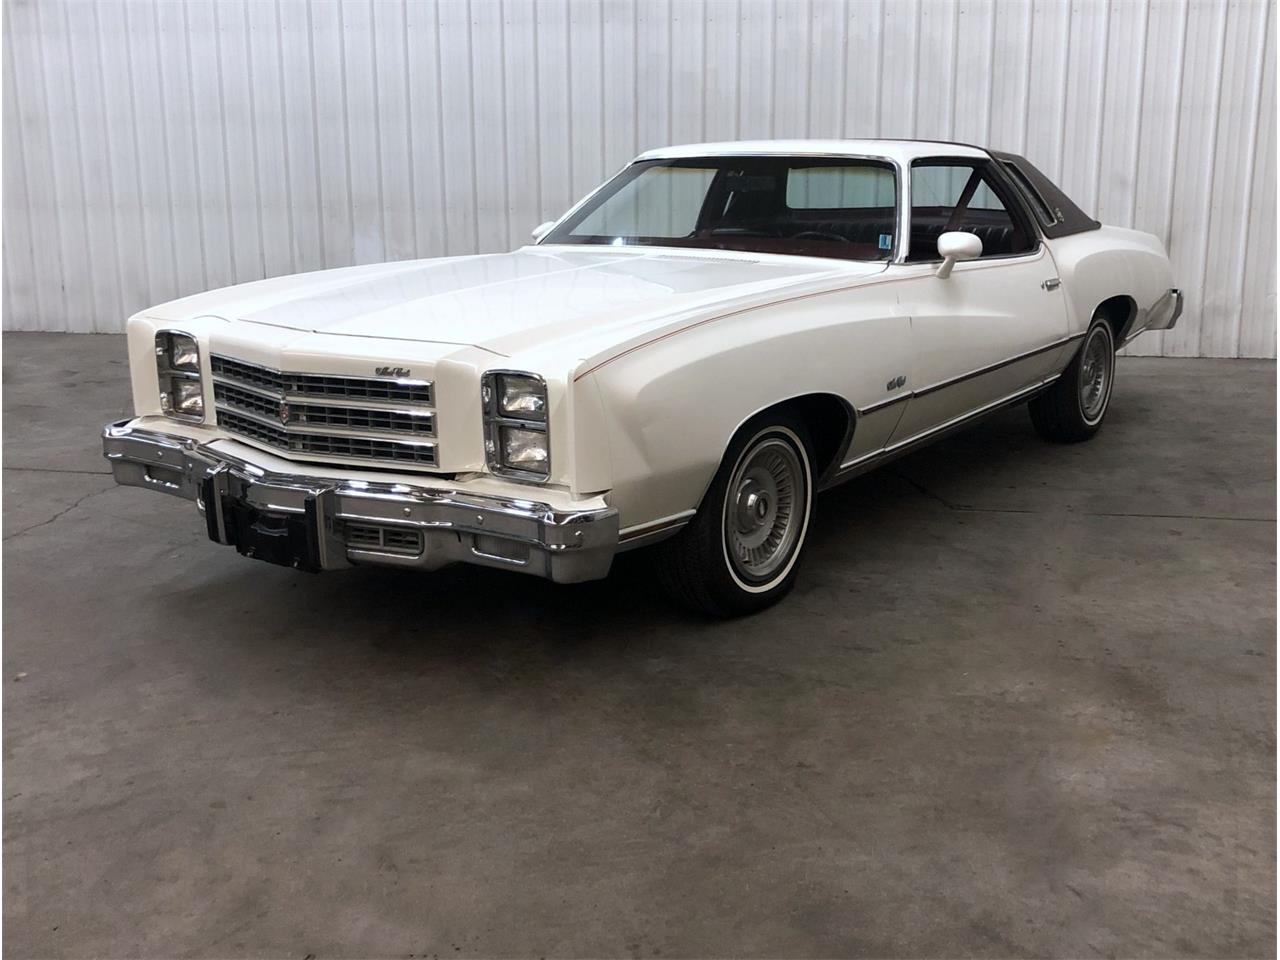 1976 Chevrolet Monte Carlo (CC-1304058) for sale in Maple Lake, Minnesota